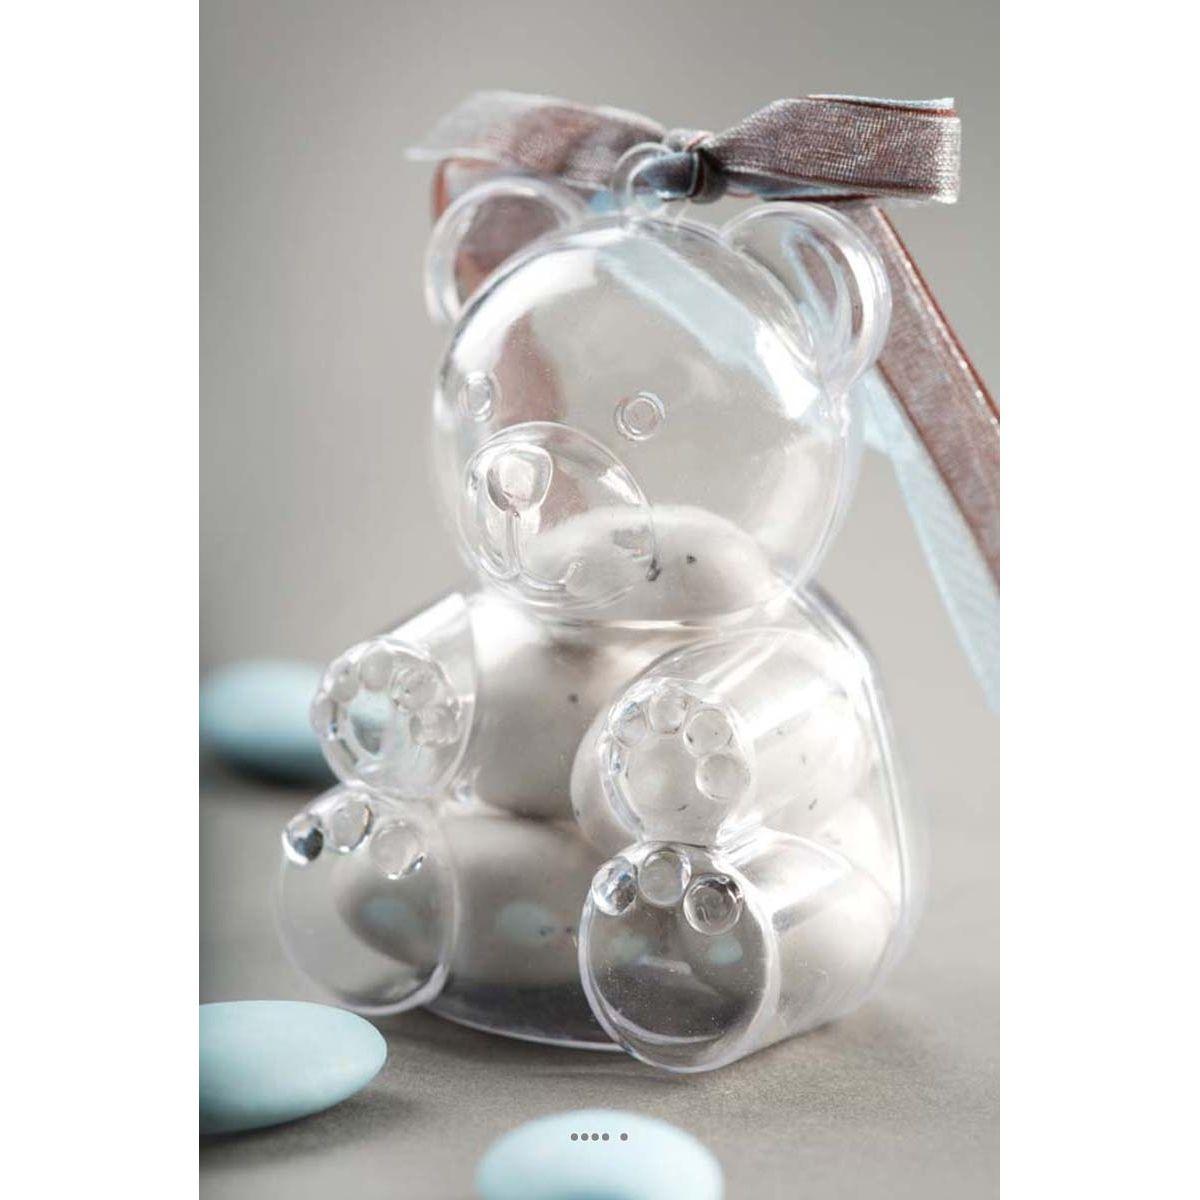 Boite transparente Ours X4 a garnir en PVC ideale pour vos dragees